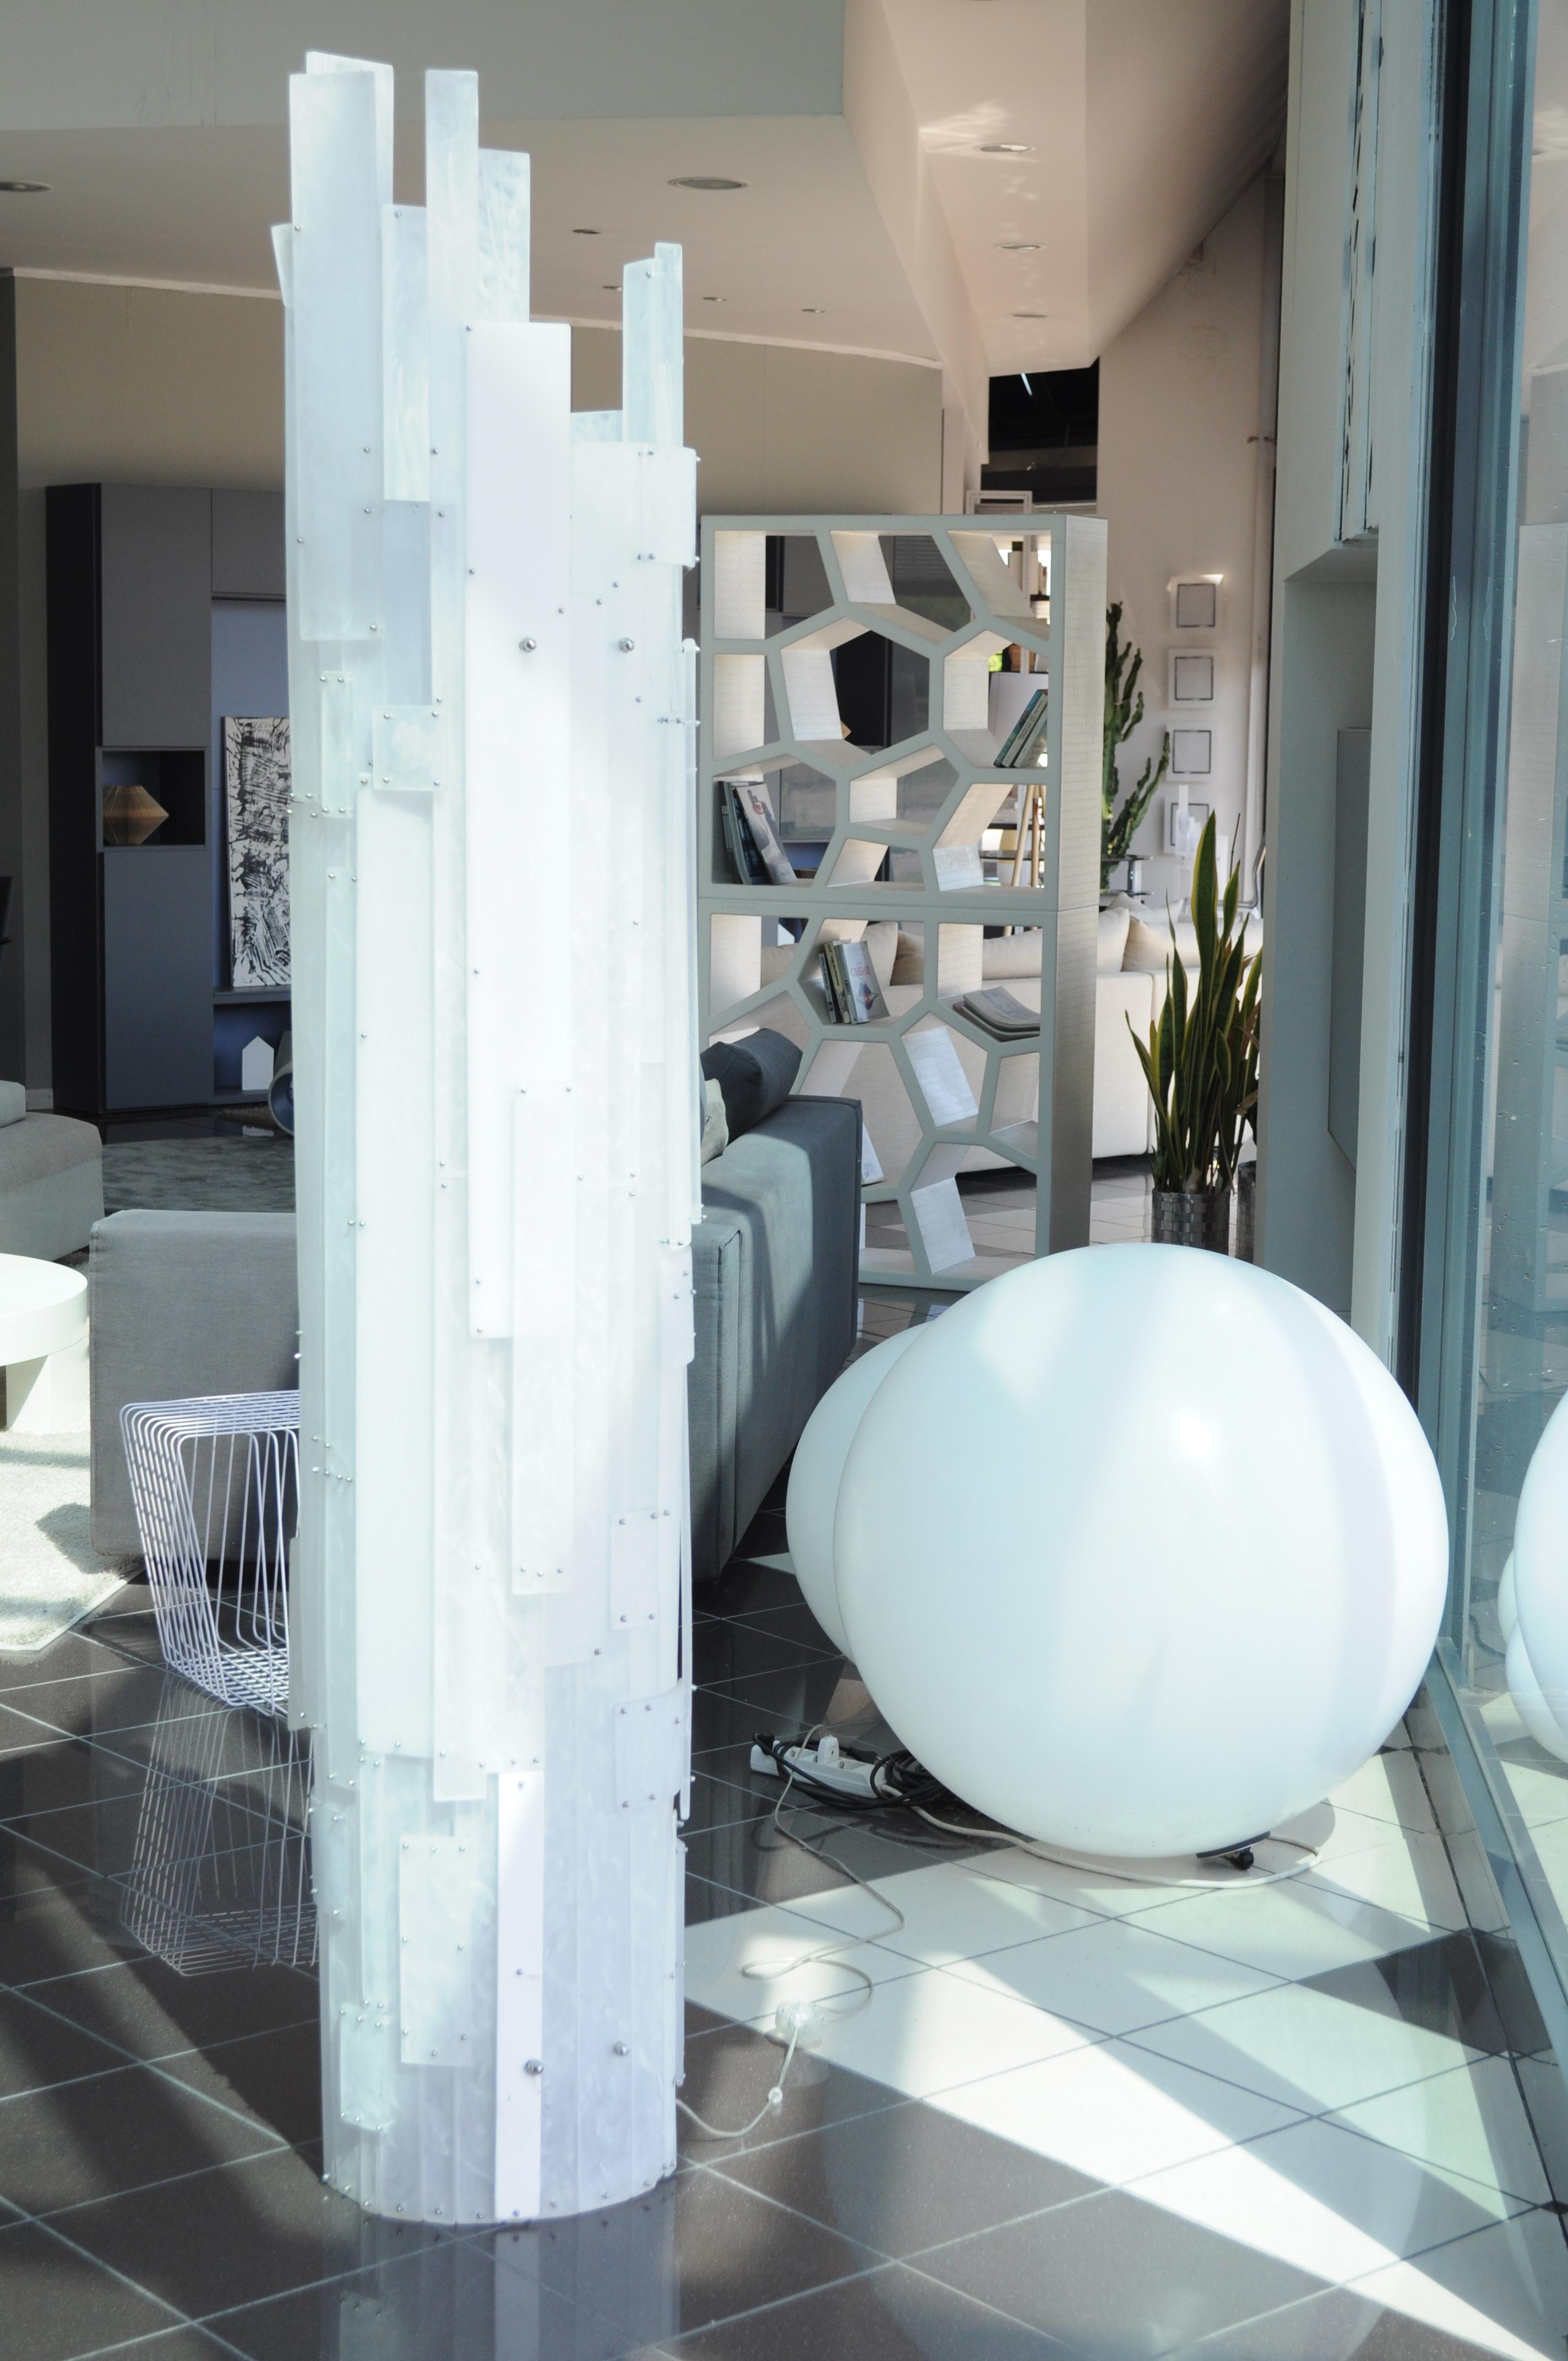 Arte design uno arredamentiuno arredamenti for Sandro cioni arredamenti